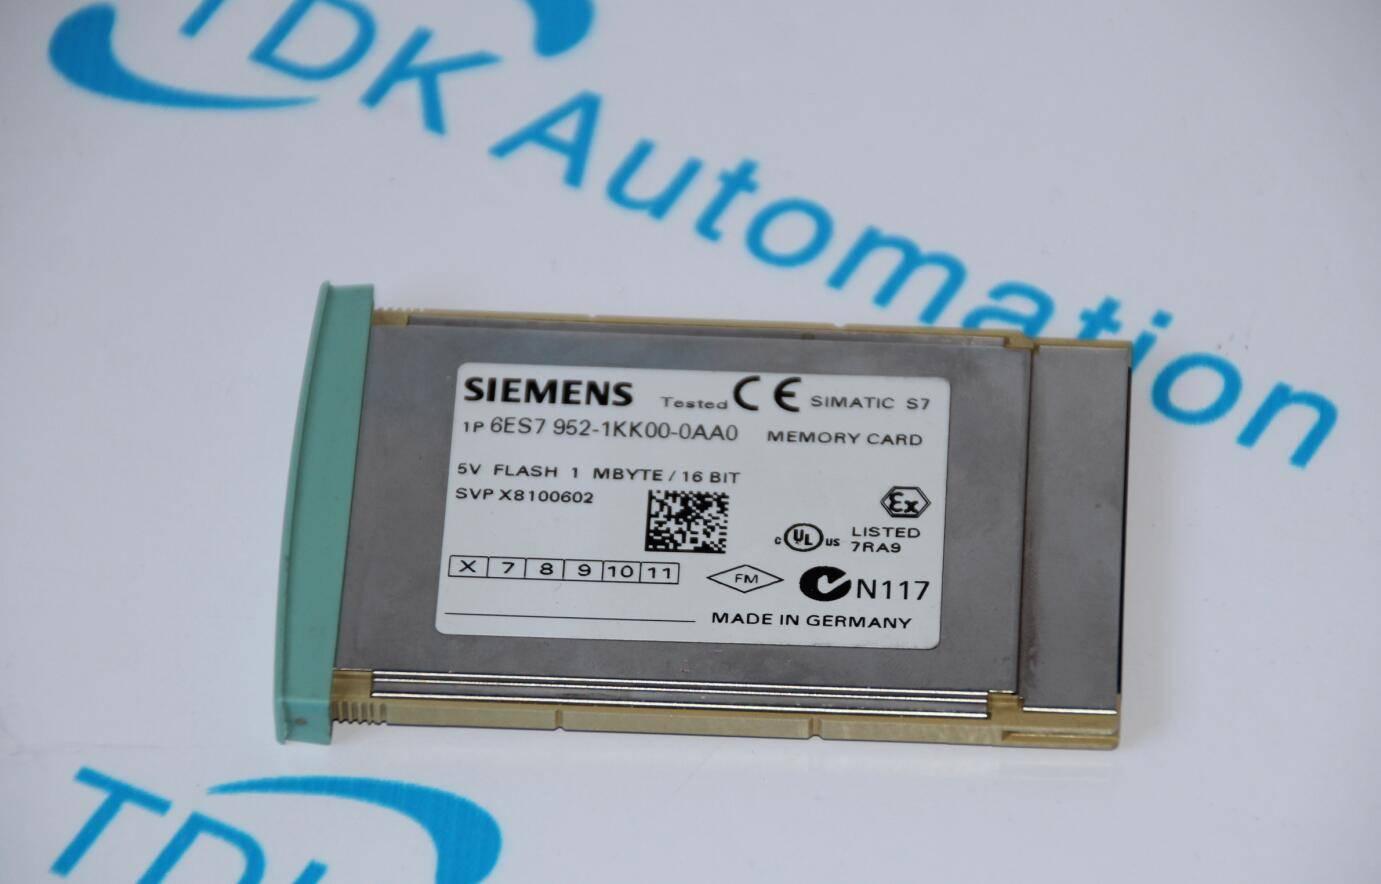 SIEMENS MEMORY CARD 6ES7952-1KK00-0AA0